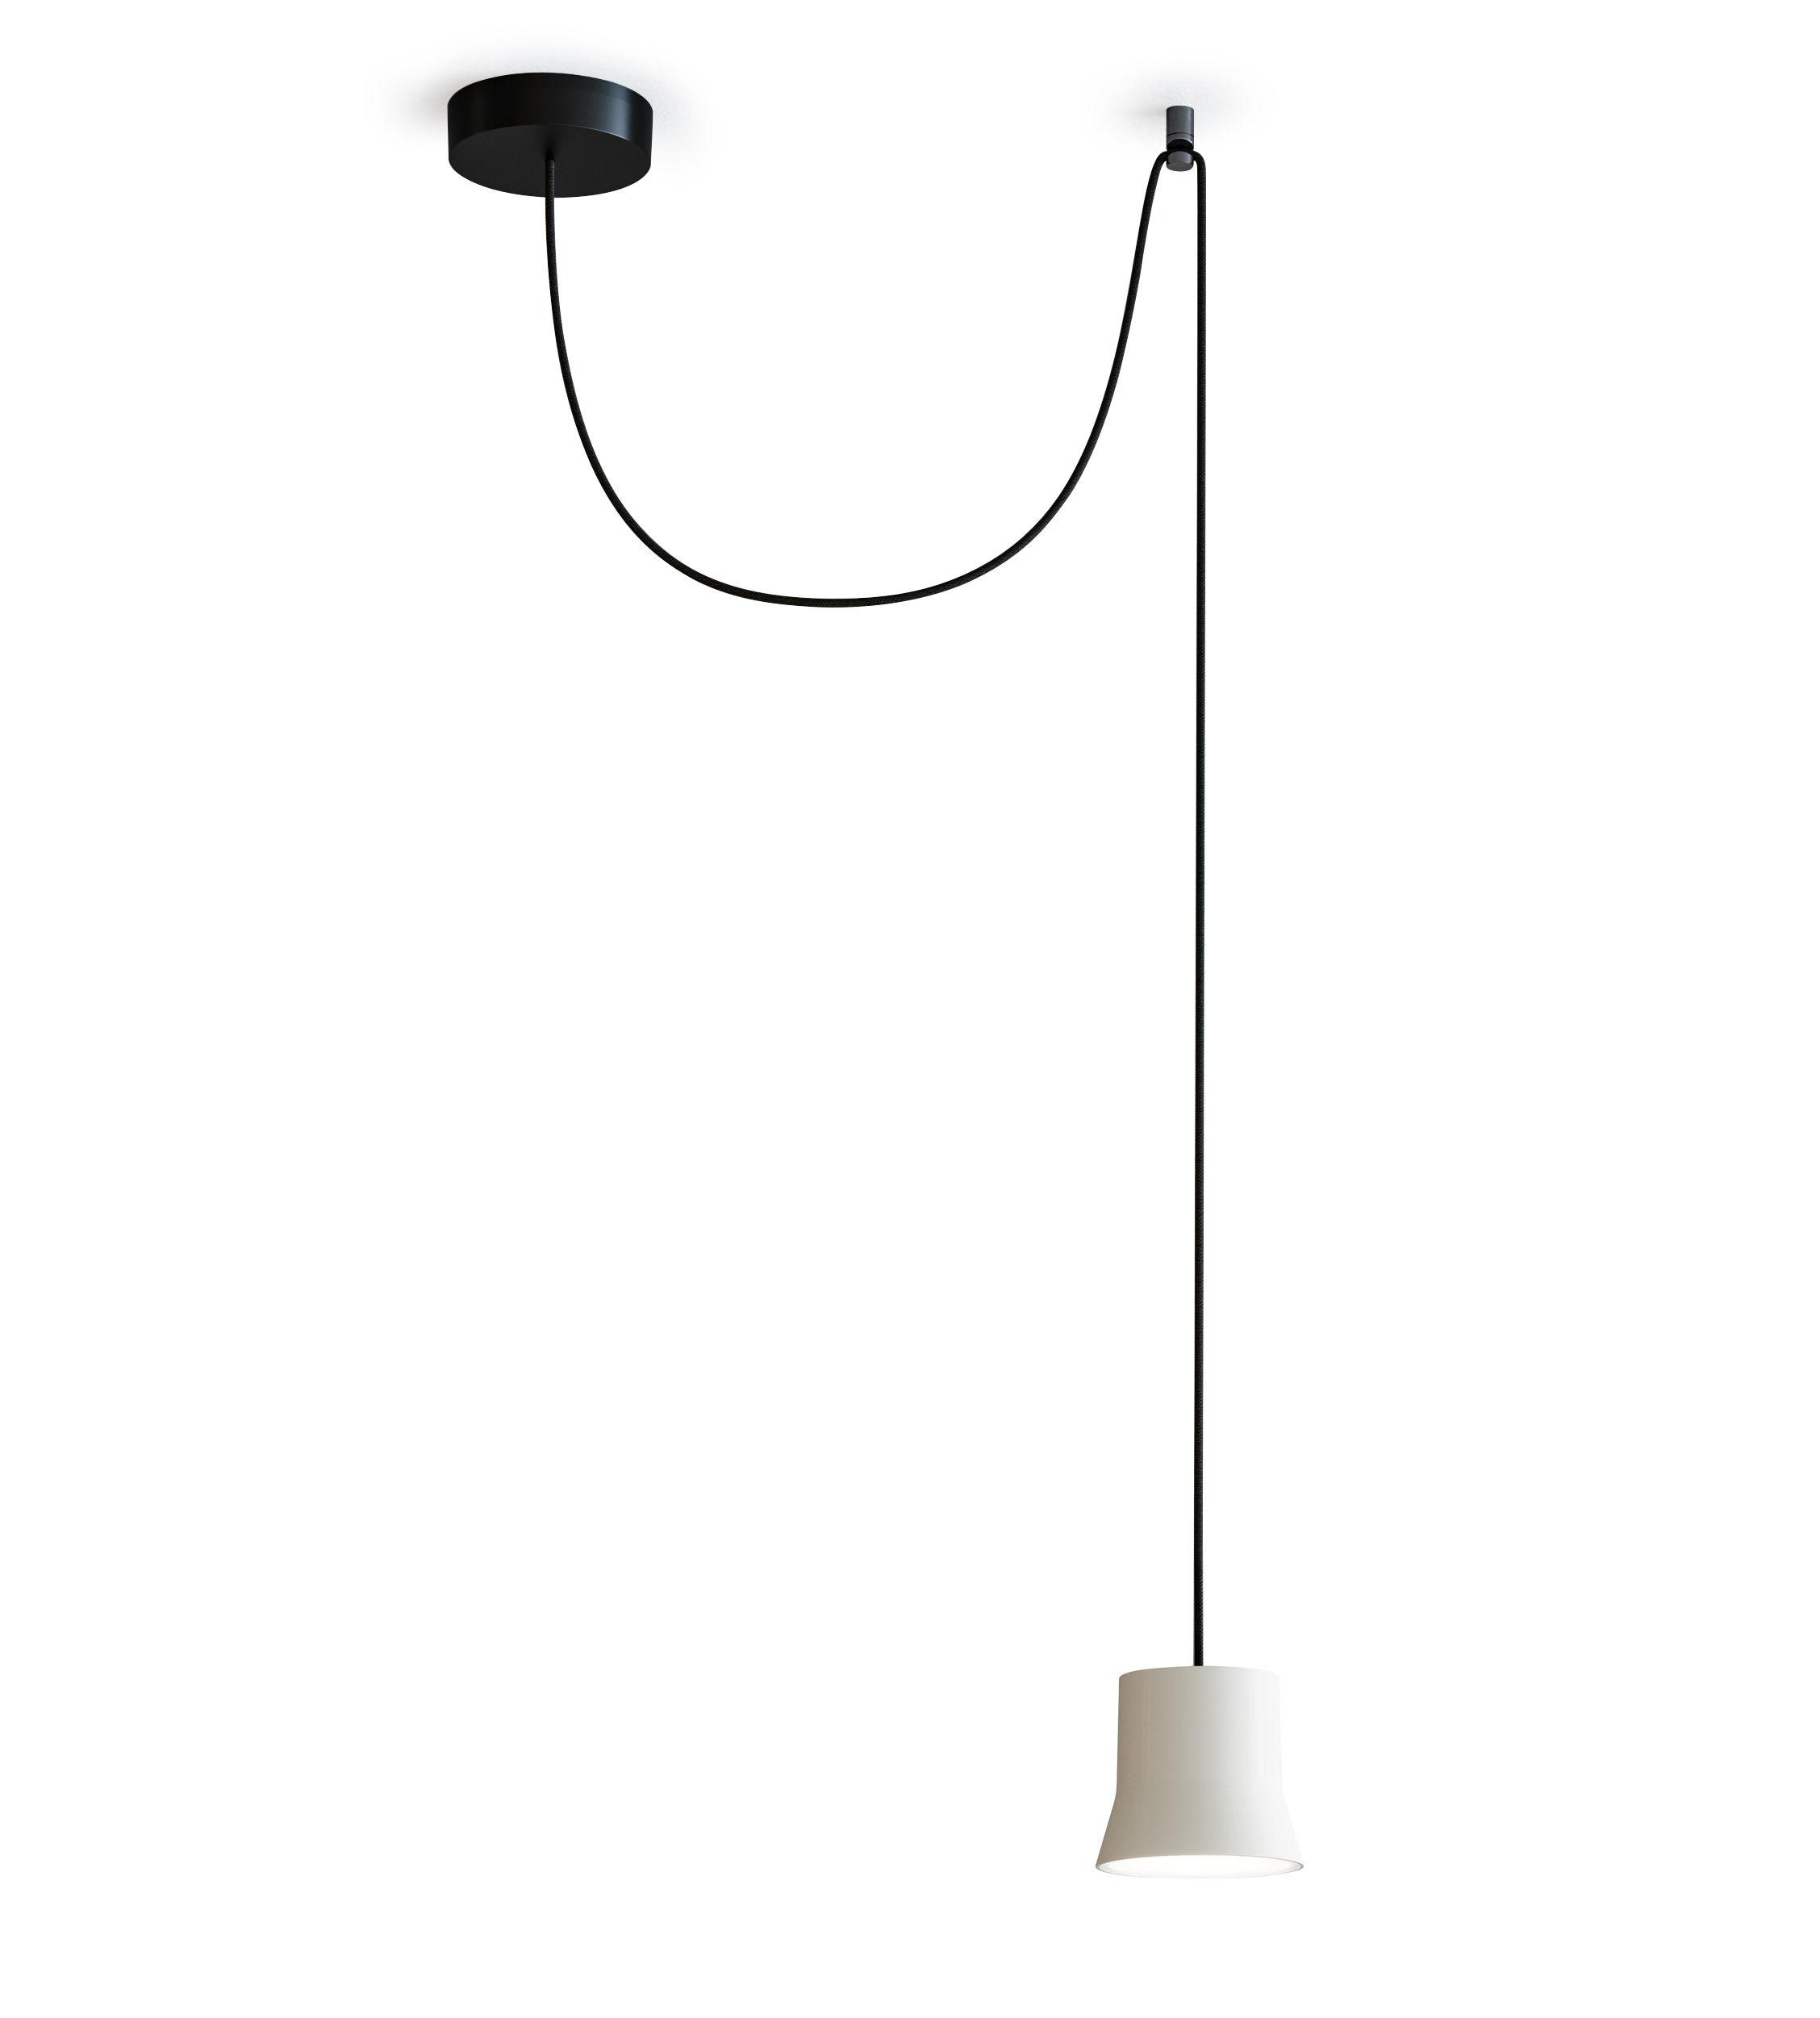 Leuchten - Pendelleuchten - Gio Light Décentrée Pendelleuchte / LED - Ø 10,7 cm - Artemide - Weiß / schwarzes Stromkabel - Aluminium, Glas